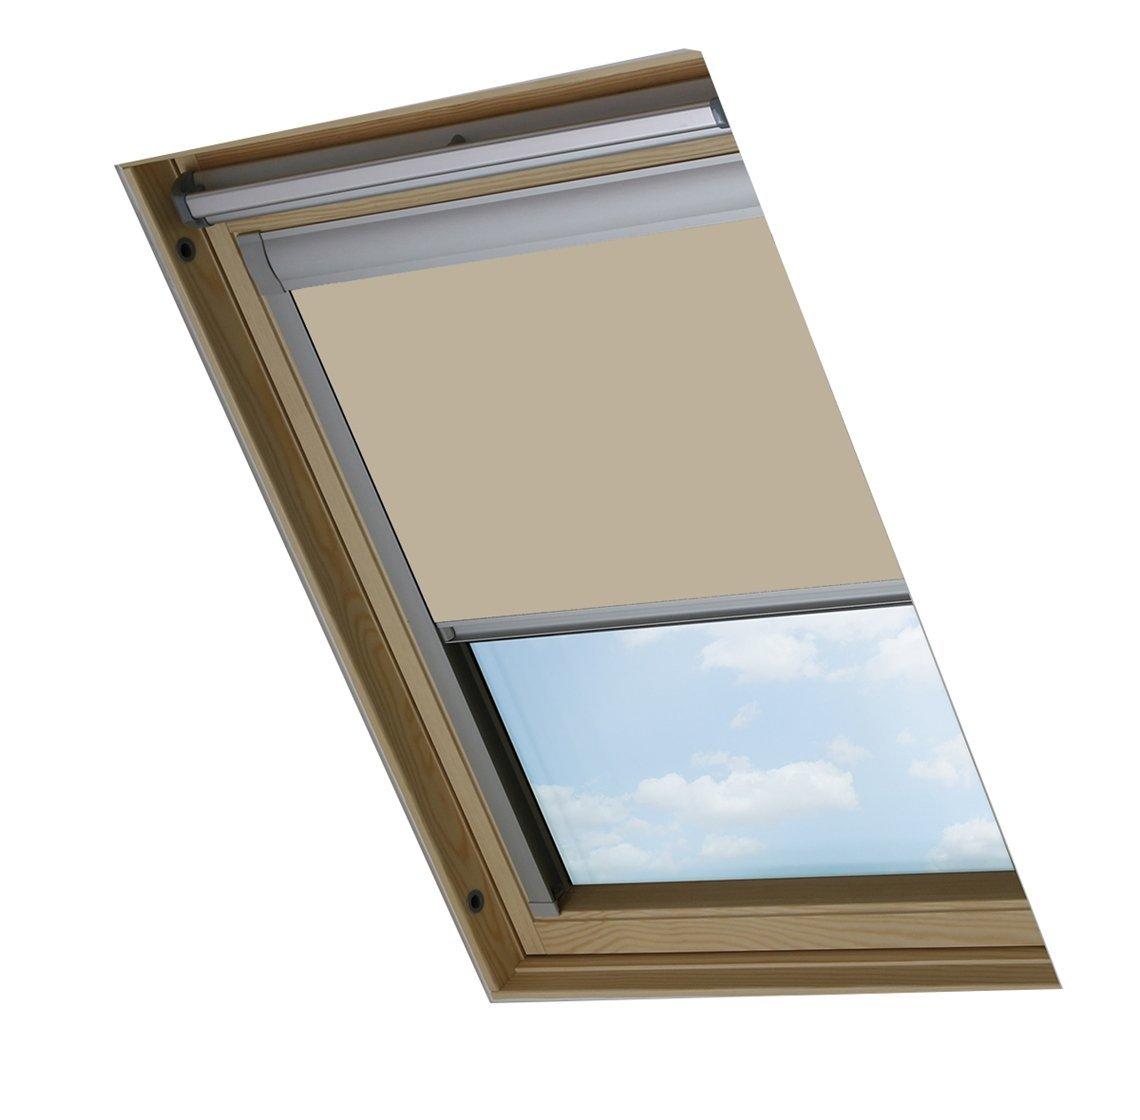 velux blinds. Black Bedroom Furniture Sets. Home Design Ideas